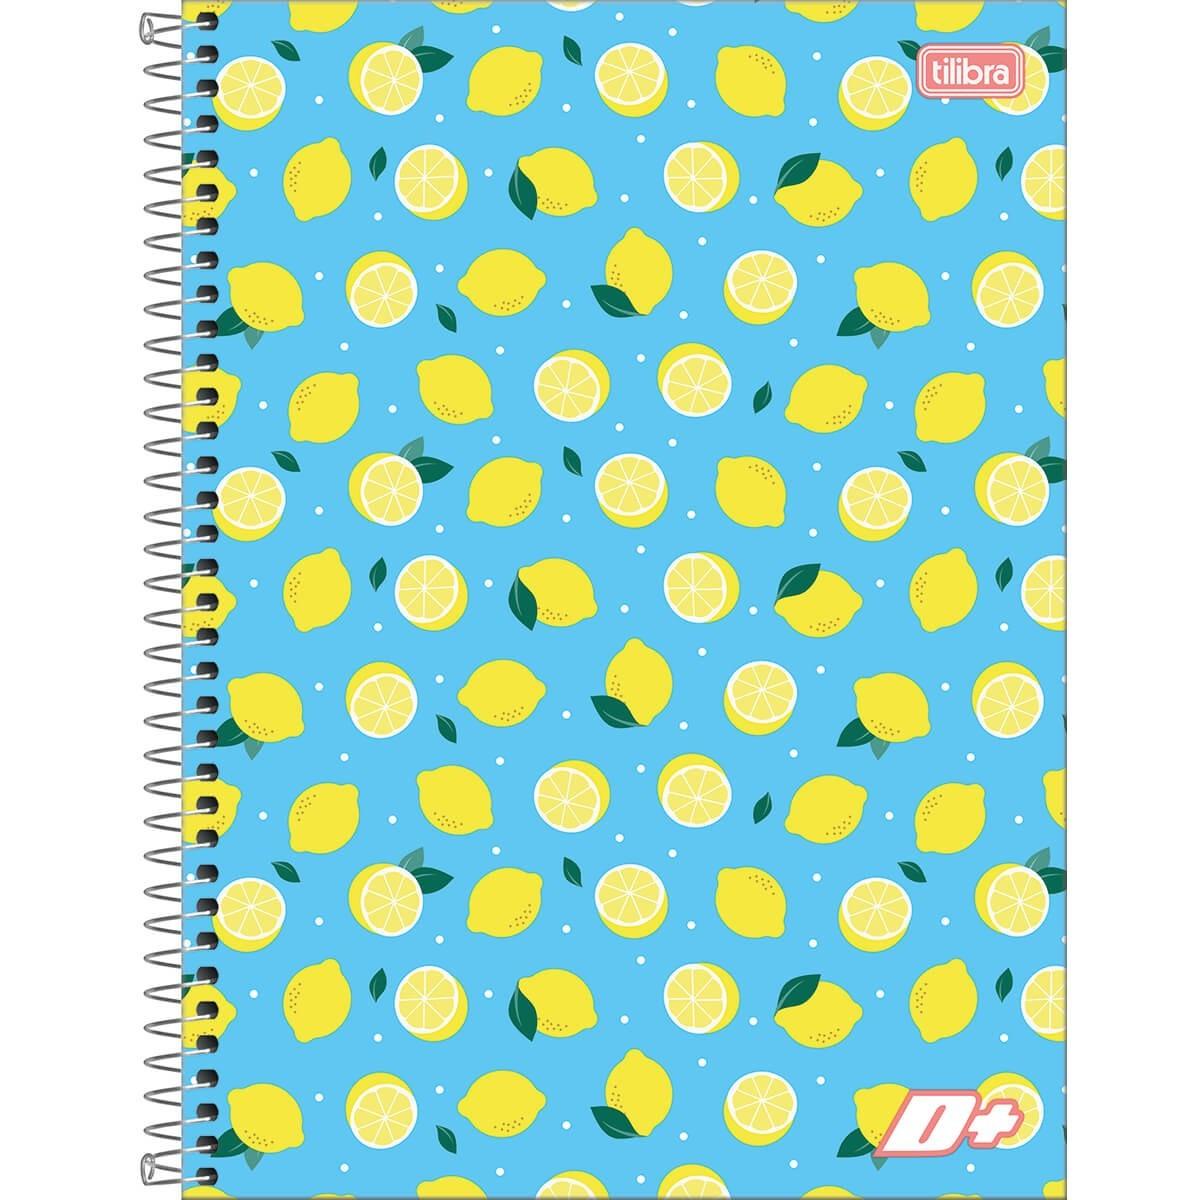 Caderno Mais Feminina Capa Dura / Sortida Universitário 1X1 96 Fls. 139246 Tilibra 17959